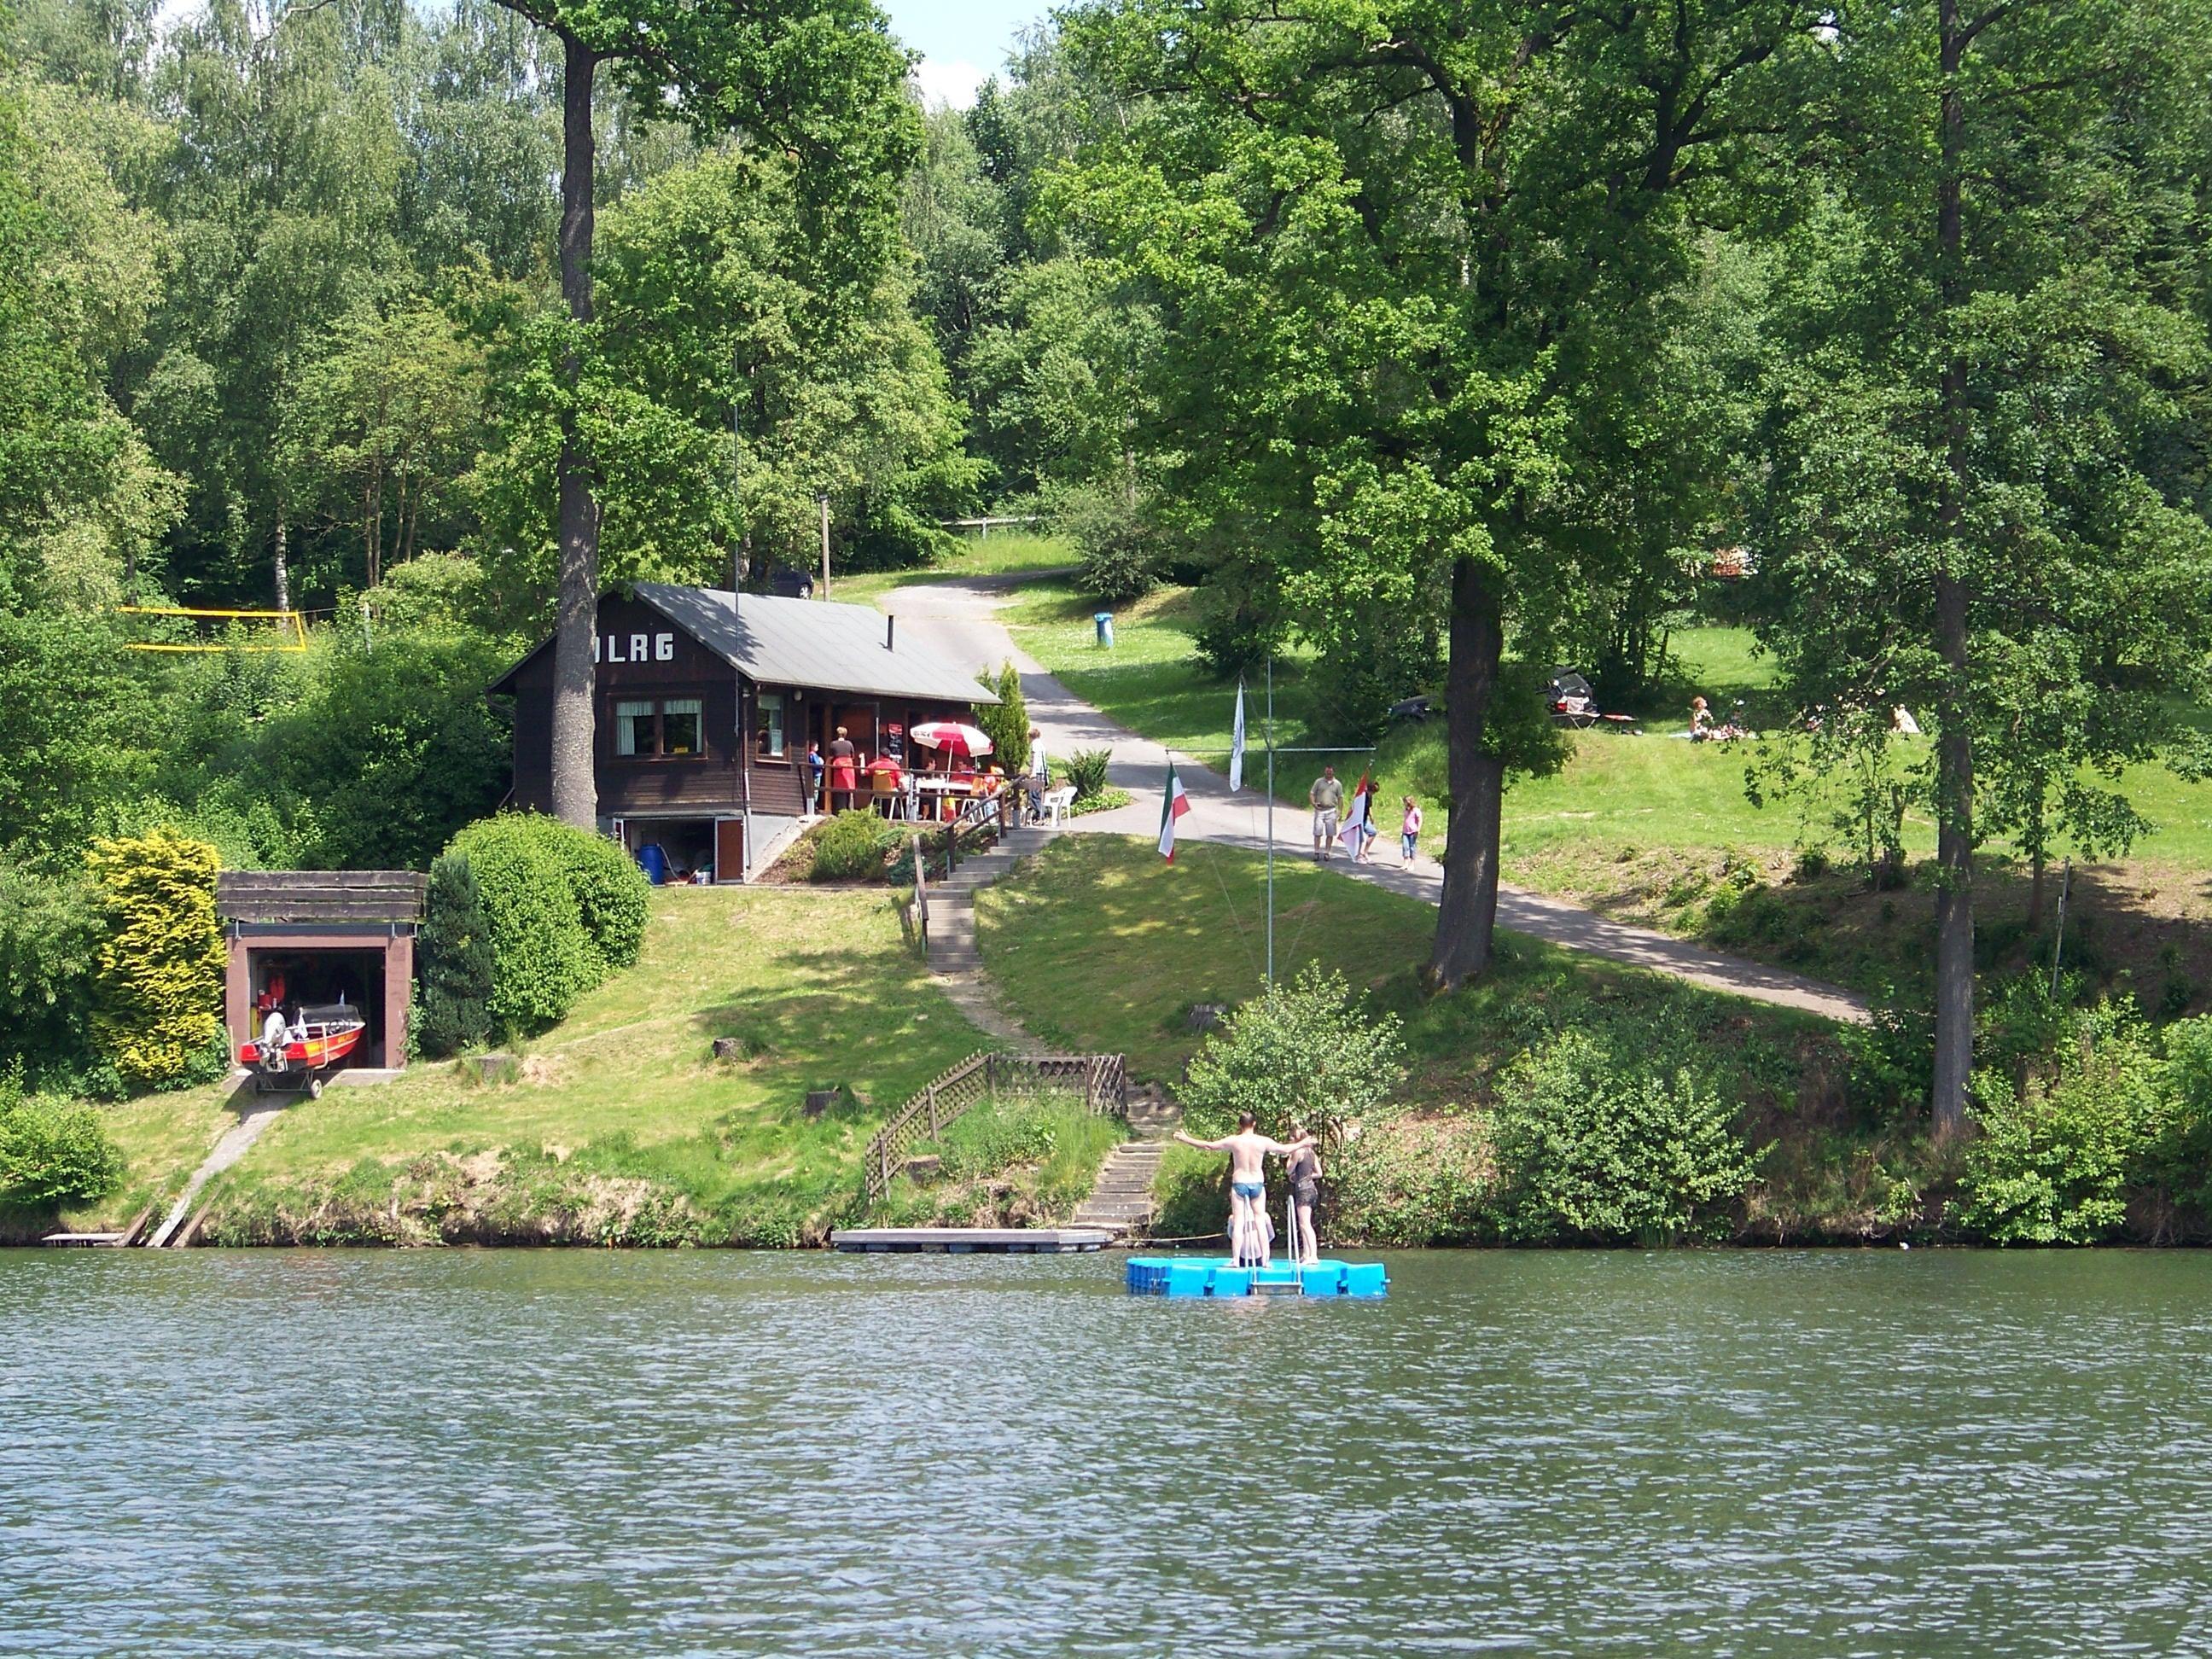 Camping Henessee meer in groene omgeving